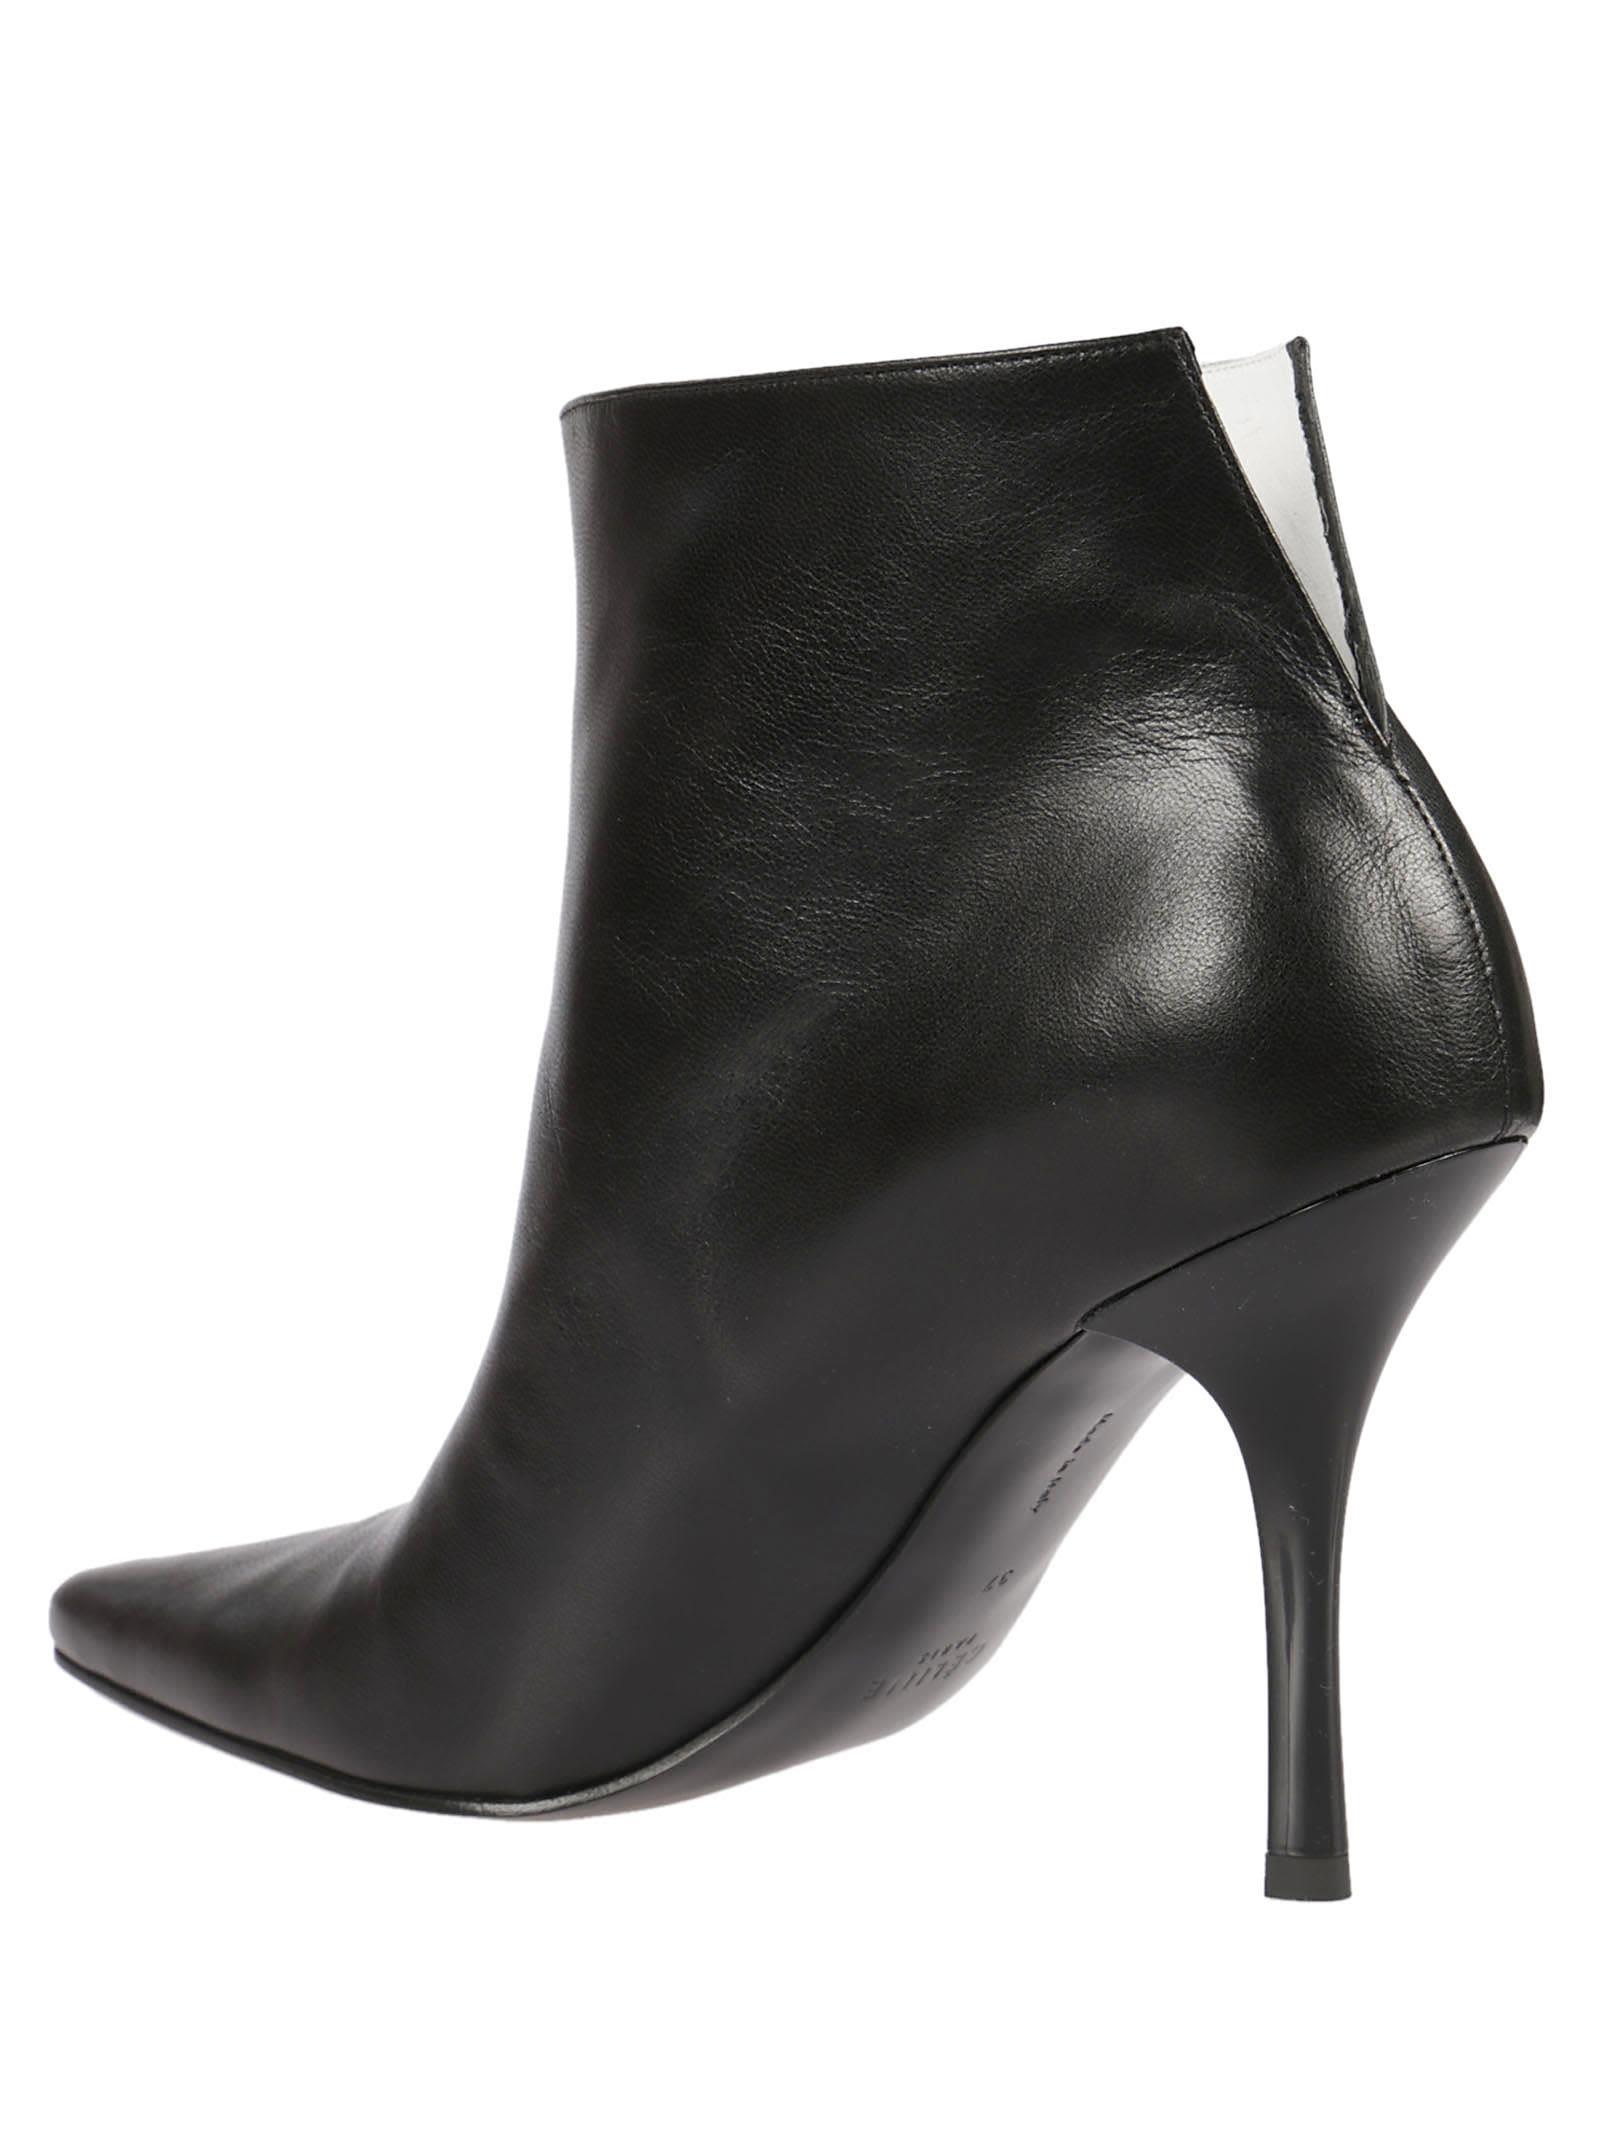 Celine - Celine Back Slit Ankle Boots